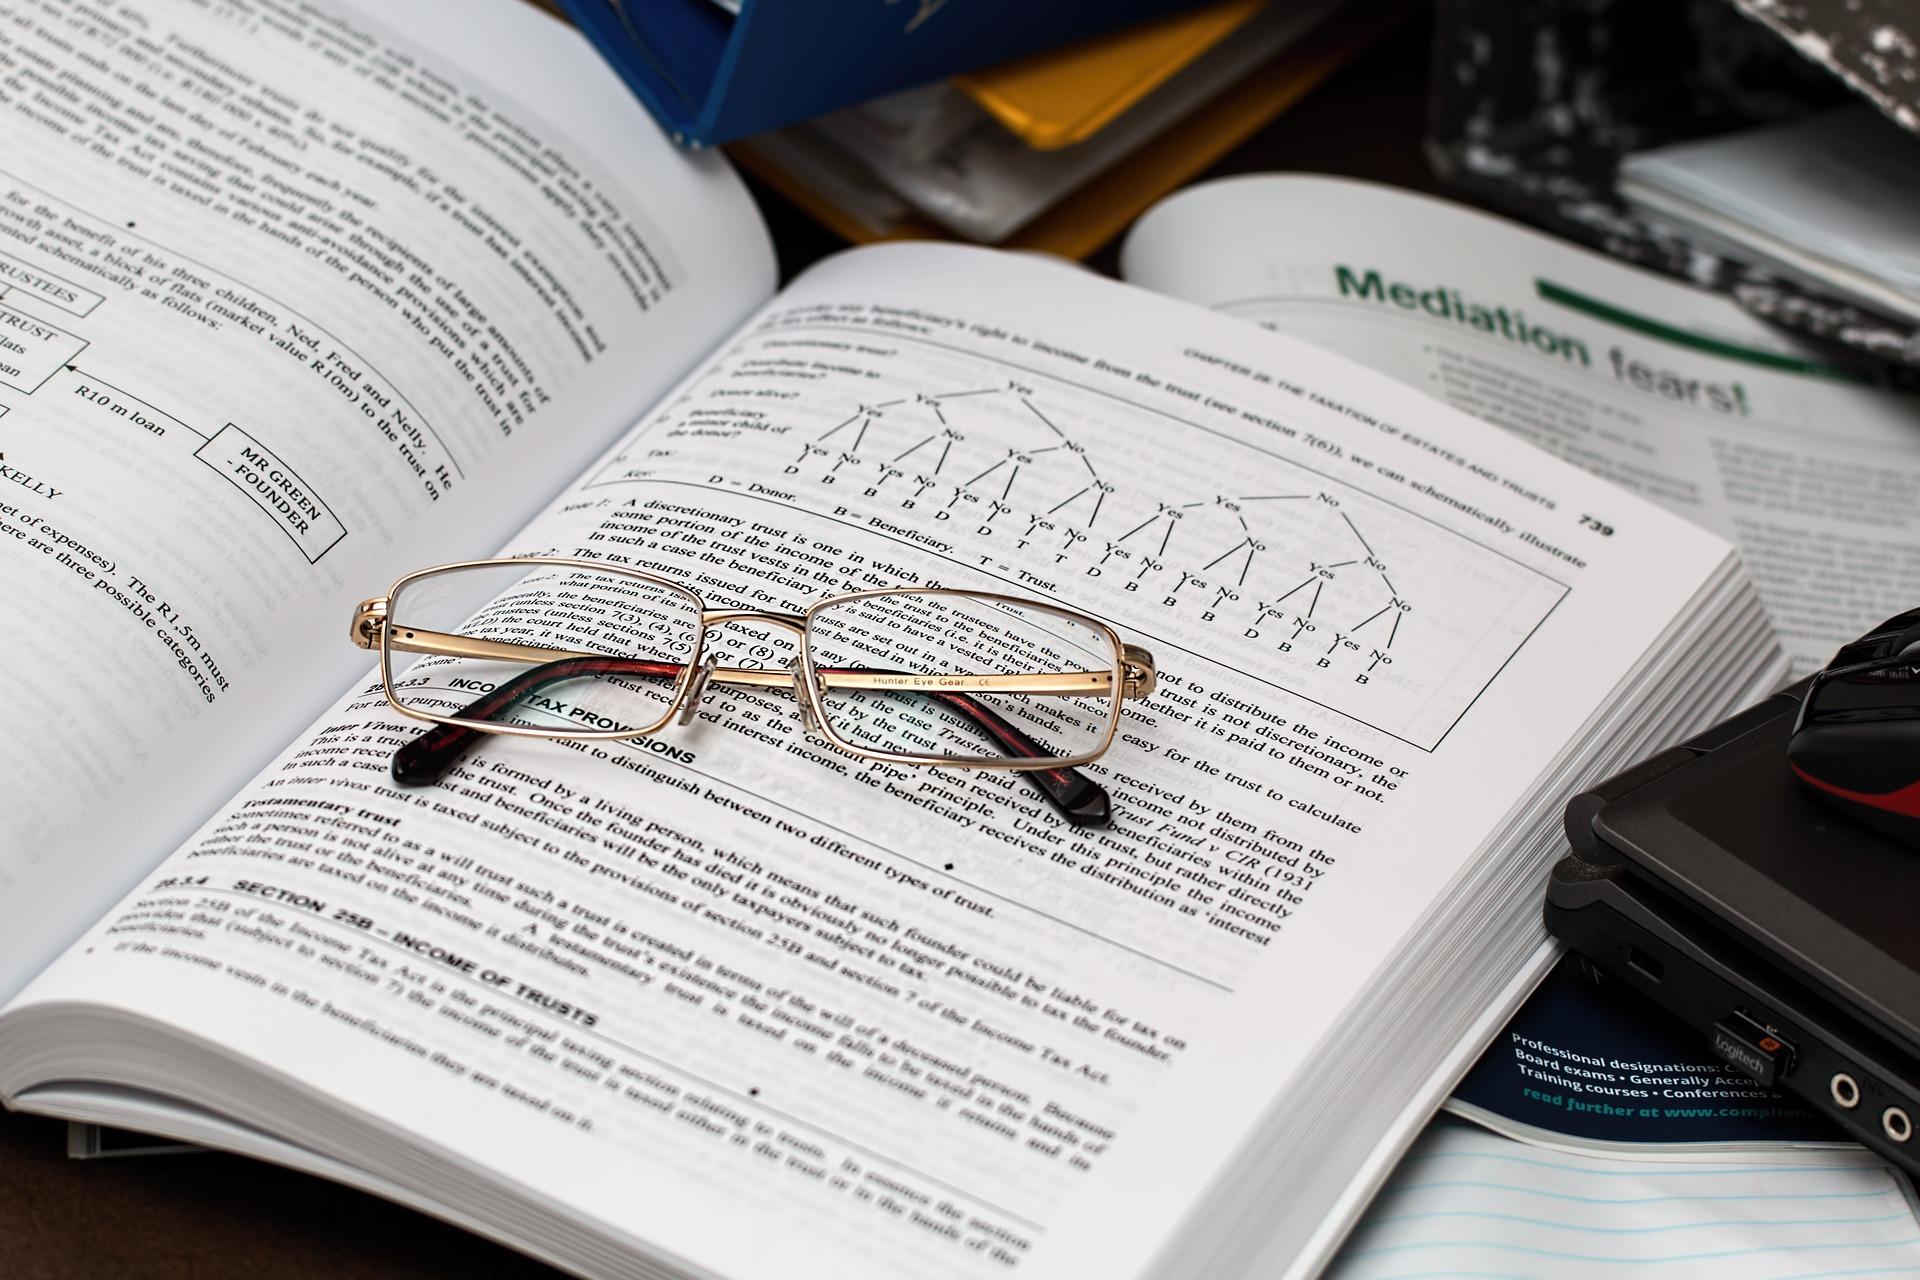 Melhores livros análise técnica